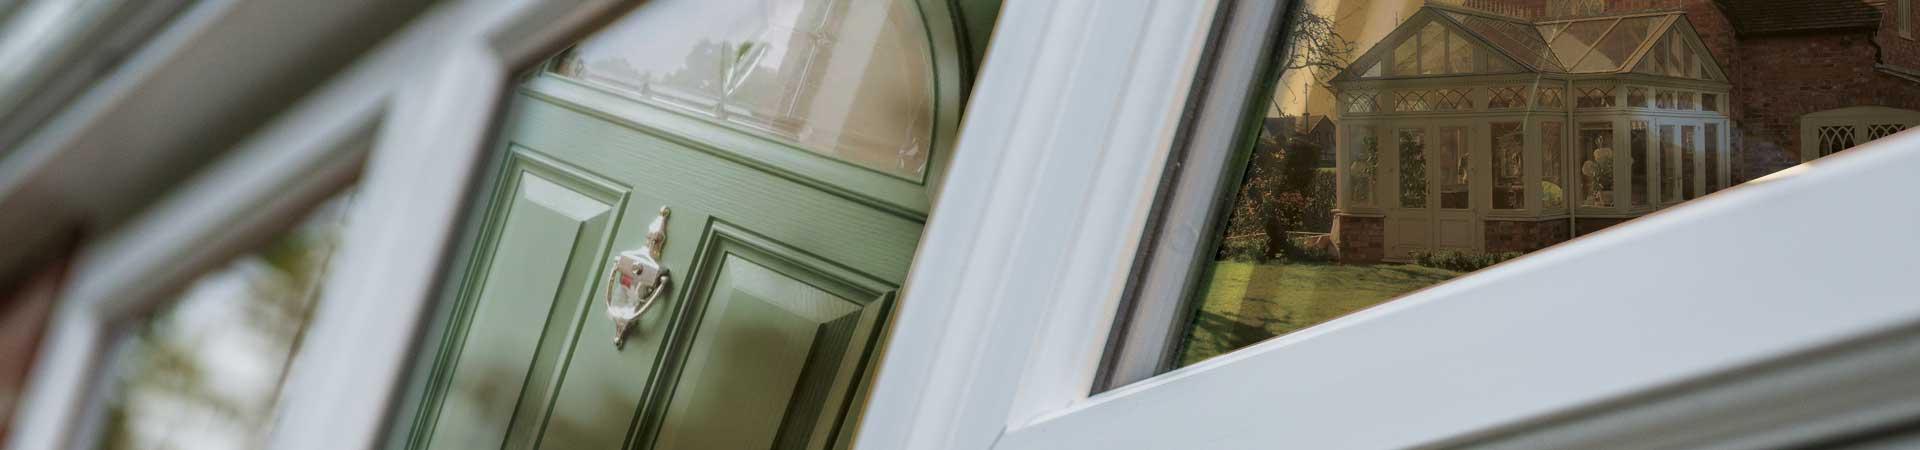 double glazing prices